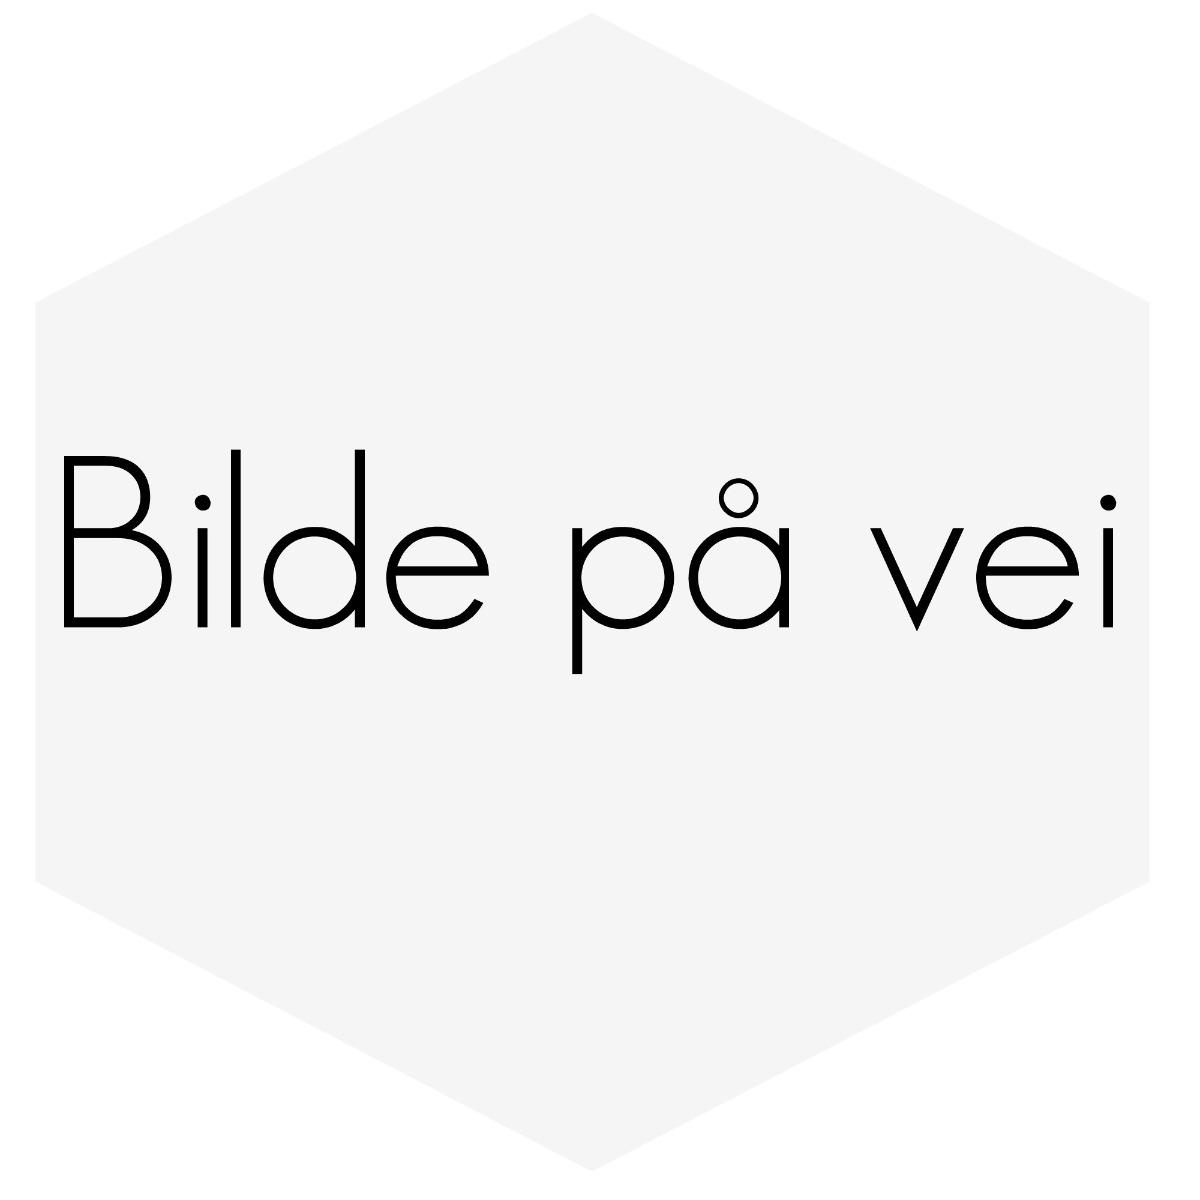 SILIKONSLANGE SVART FLEXIBEL GLATT 1,875'' (48MM)